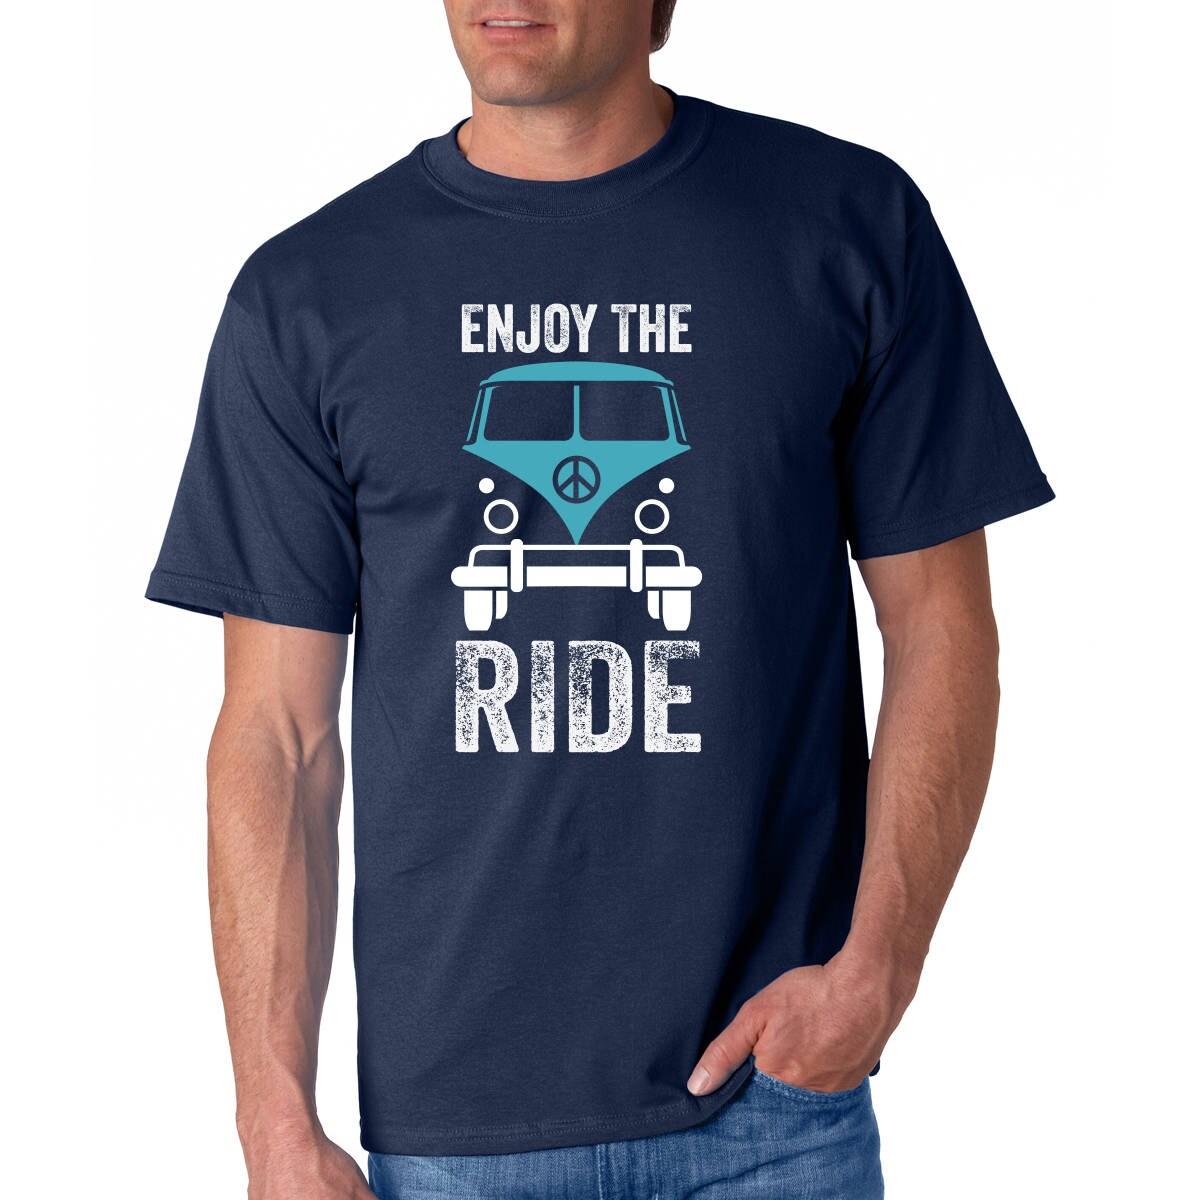 Vw Bus Tshirt Funny Tshirts For Men Blue Vw Bus Shirt Gift